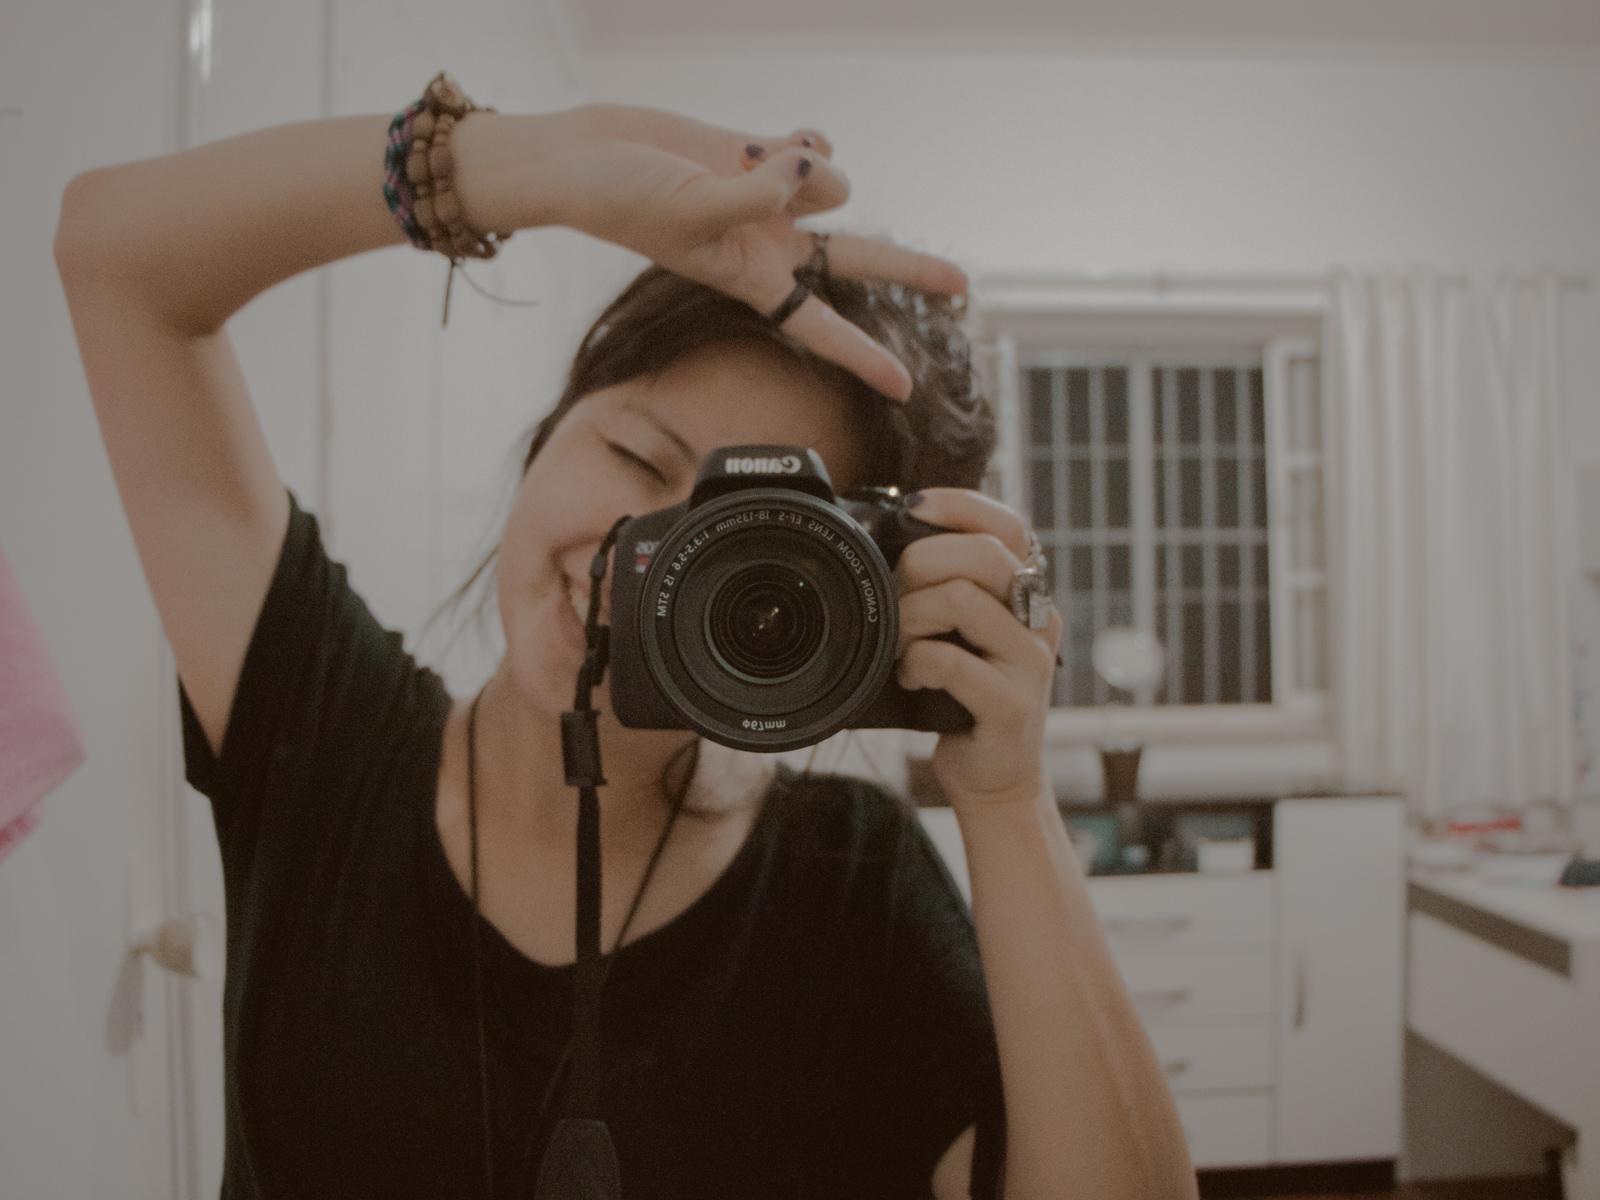 fotografando no espelho